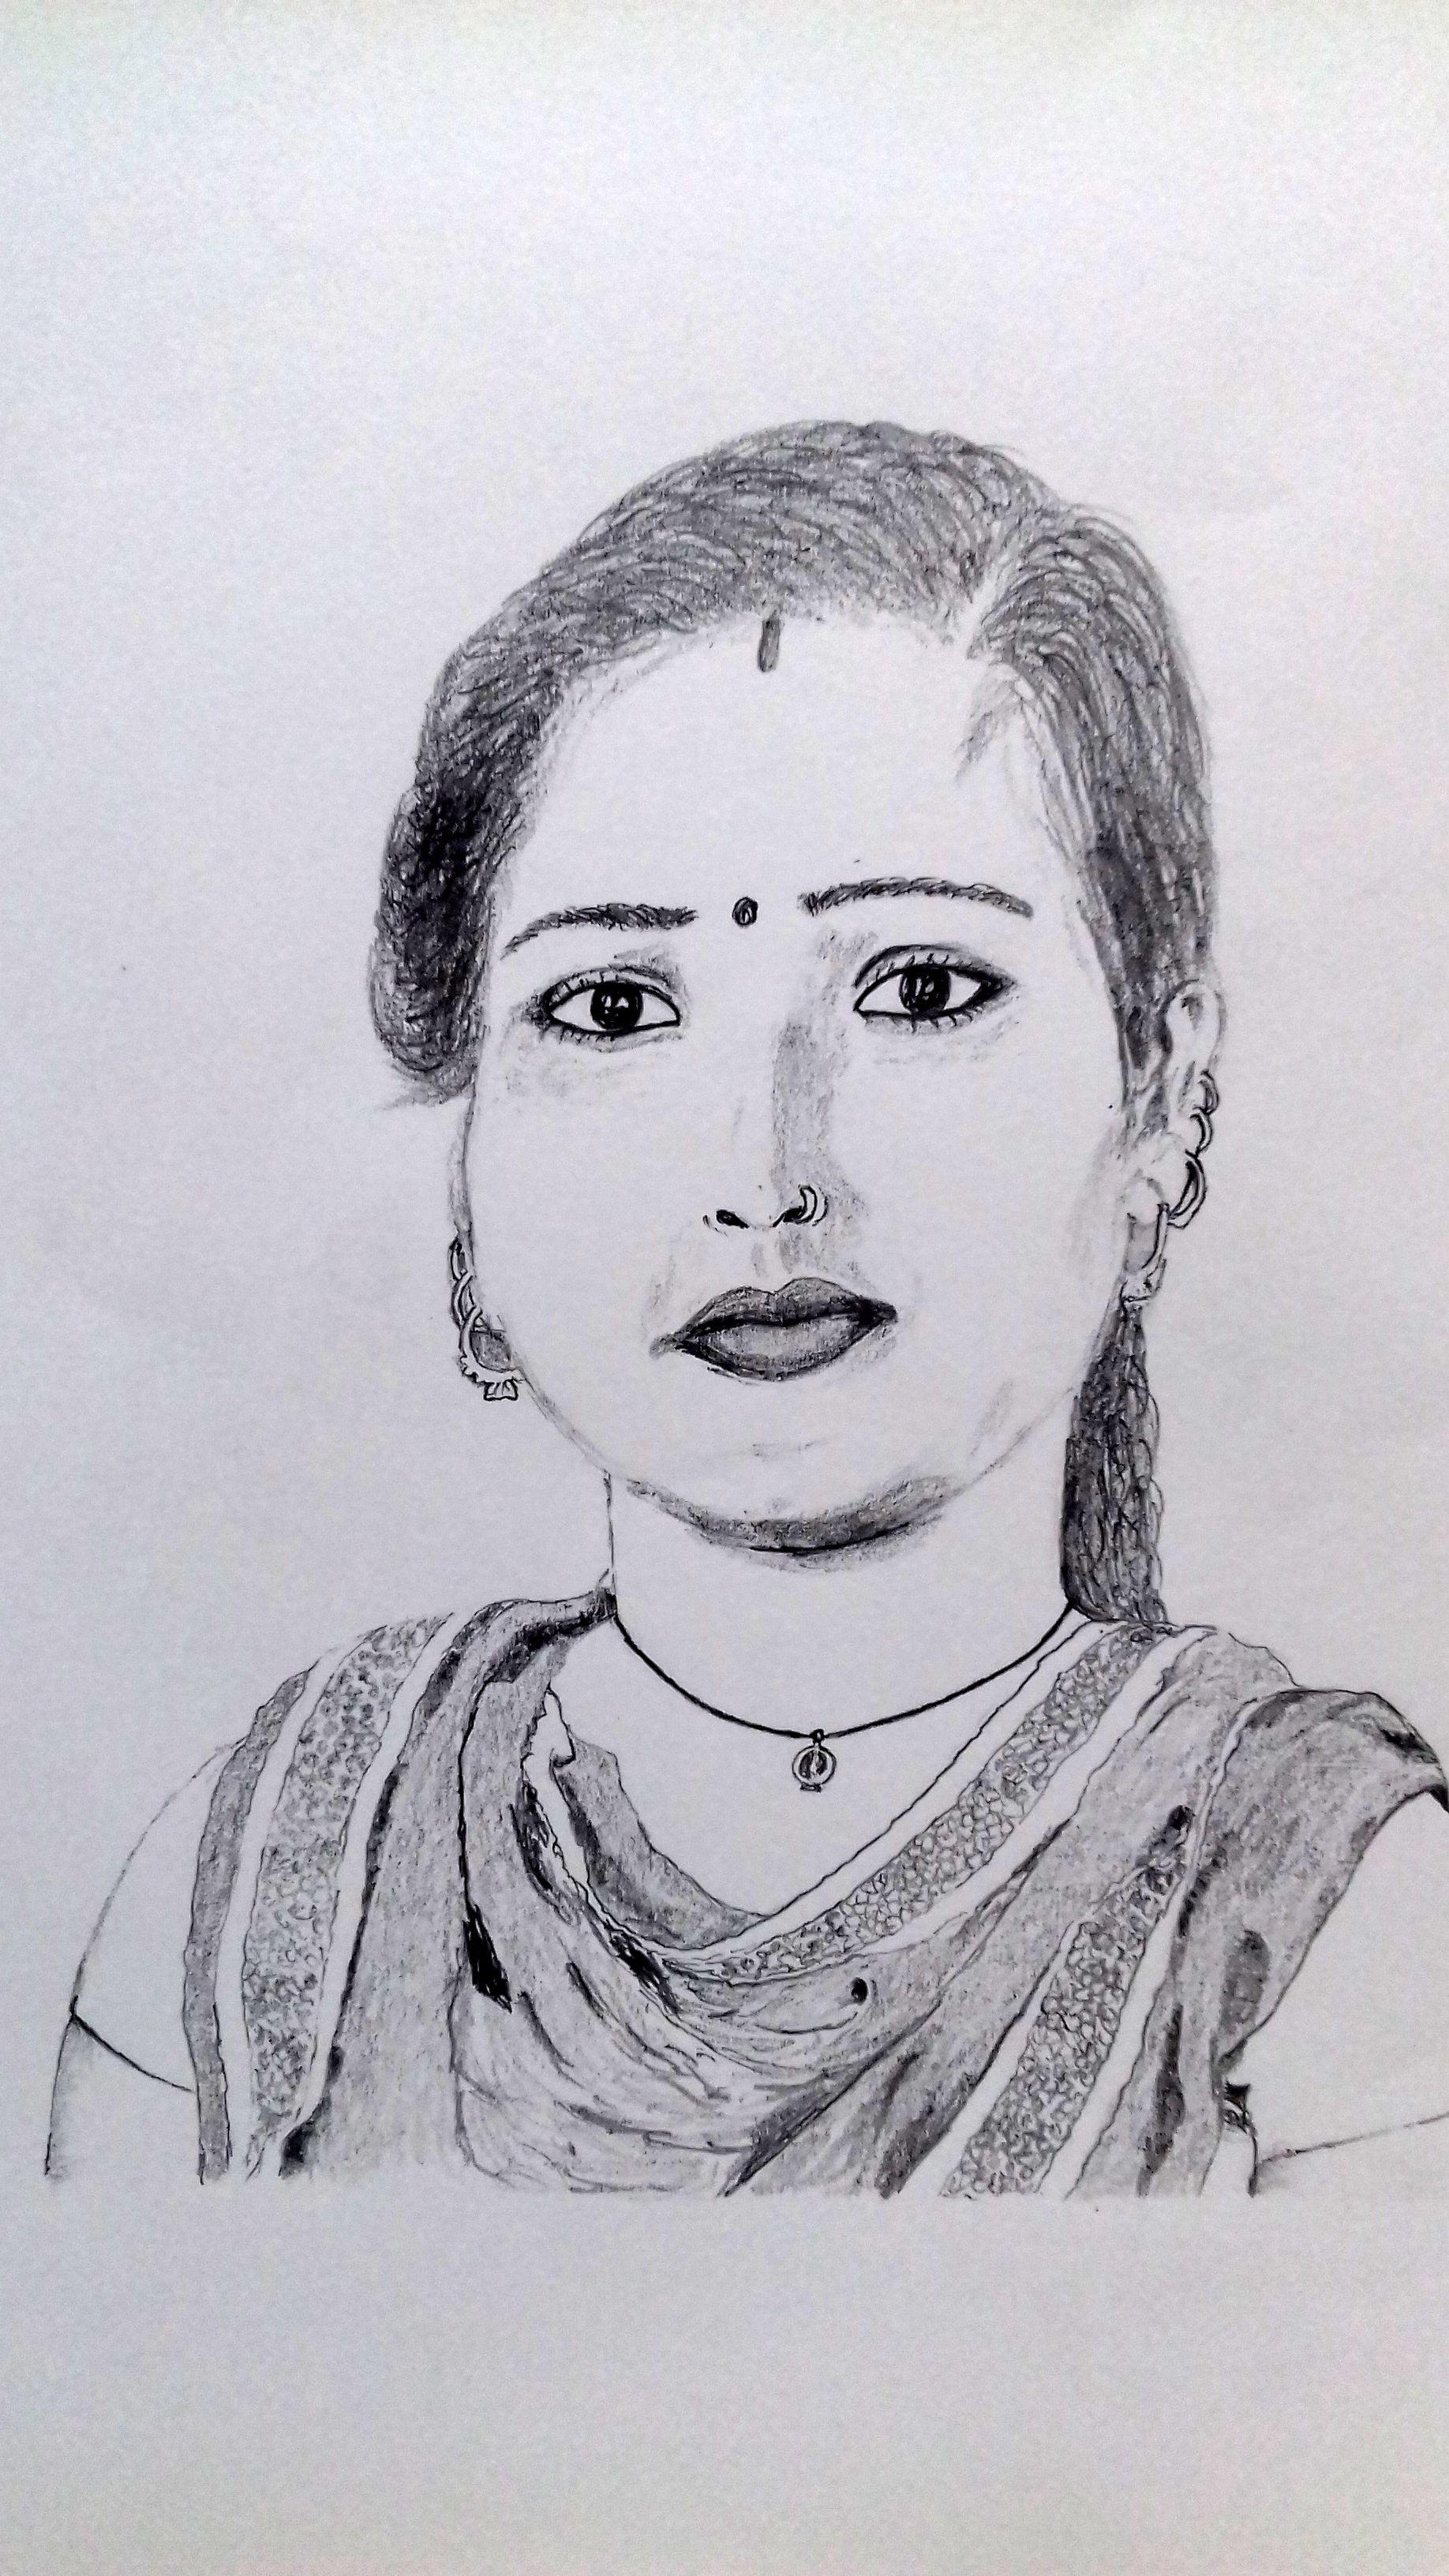 Indian lady wearing traditional punjabi dress